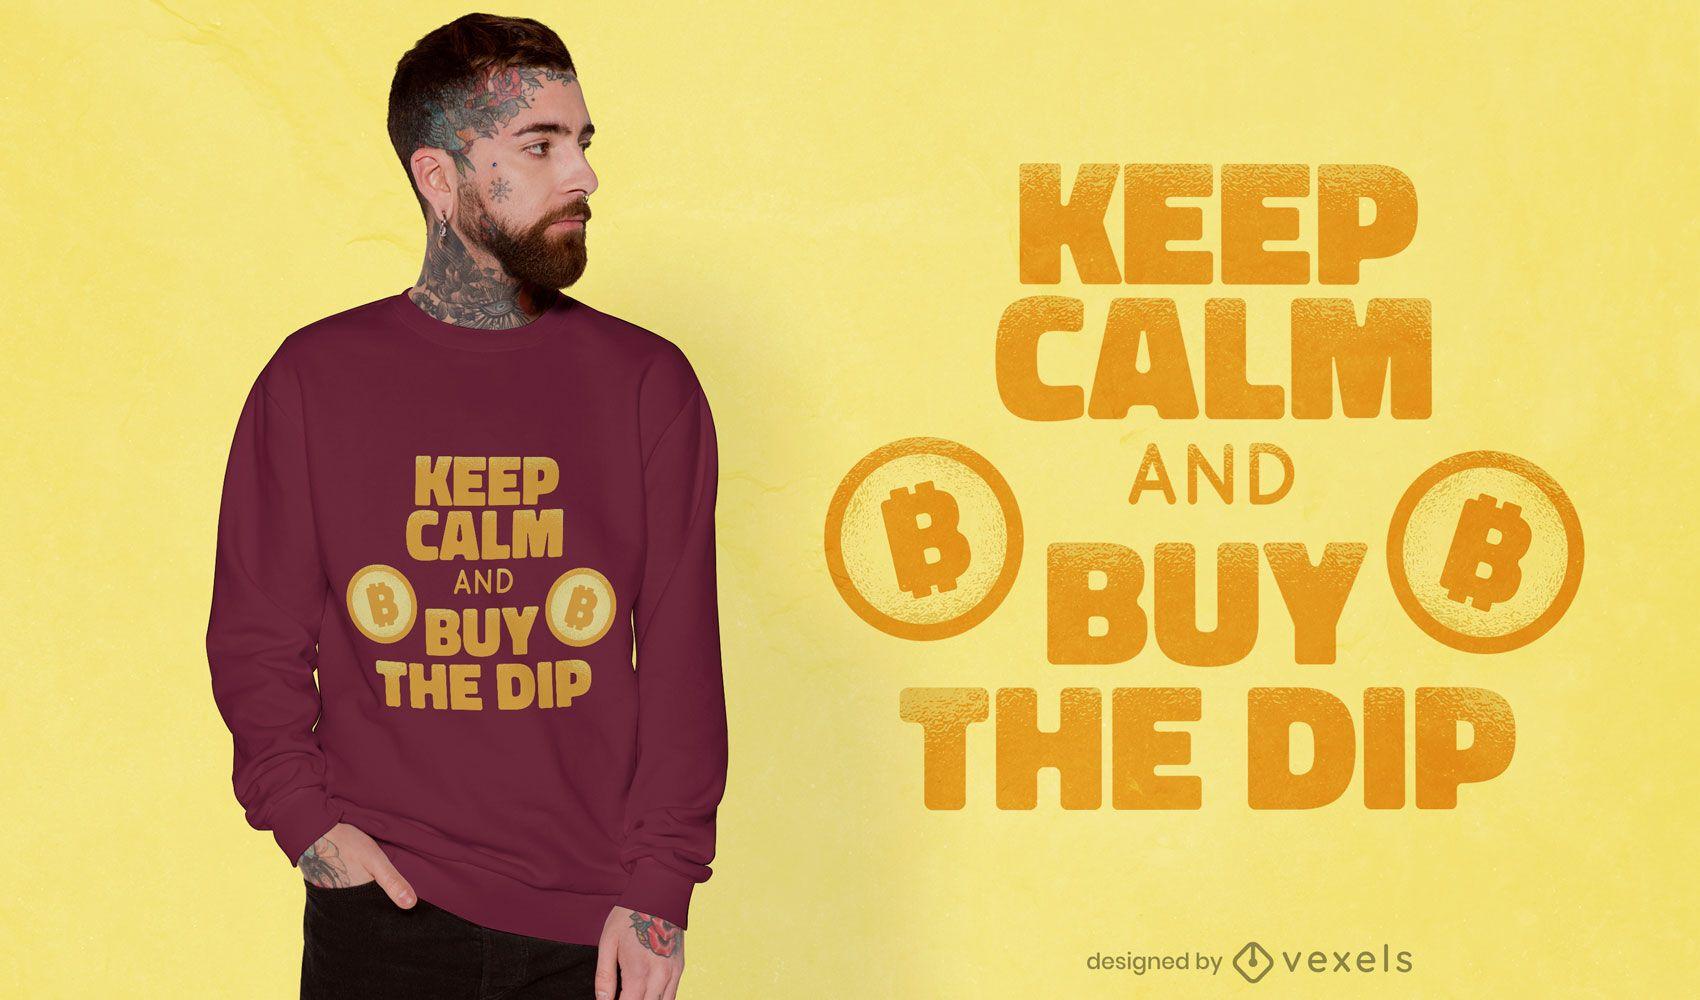 Buy the dip t-shirt design